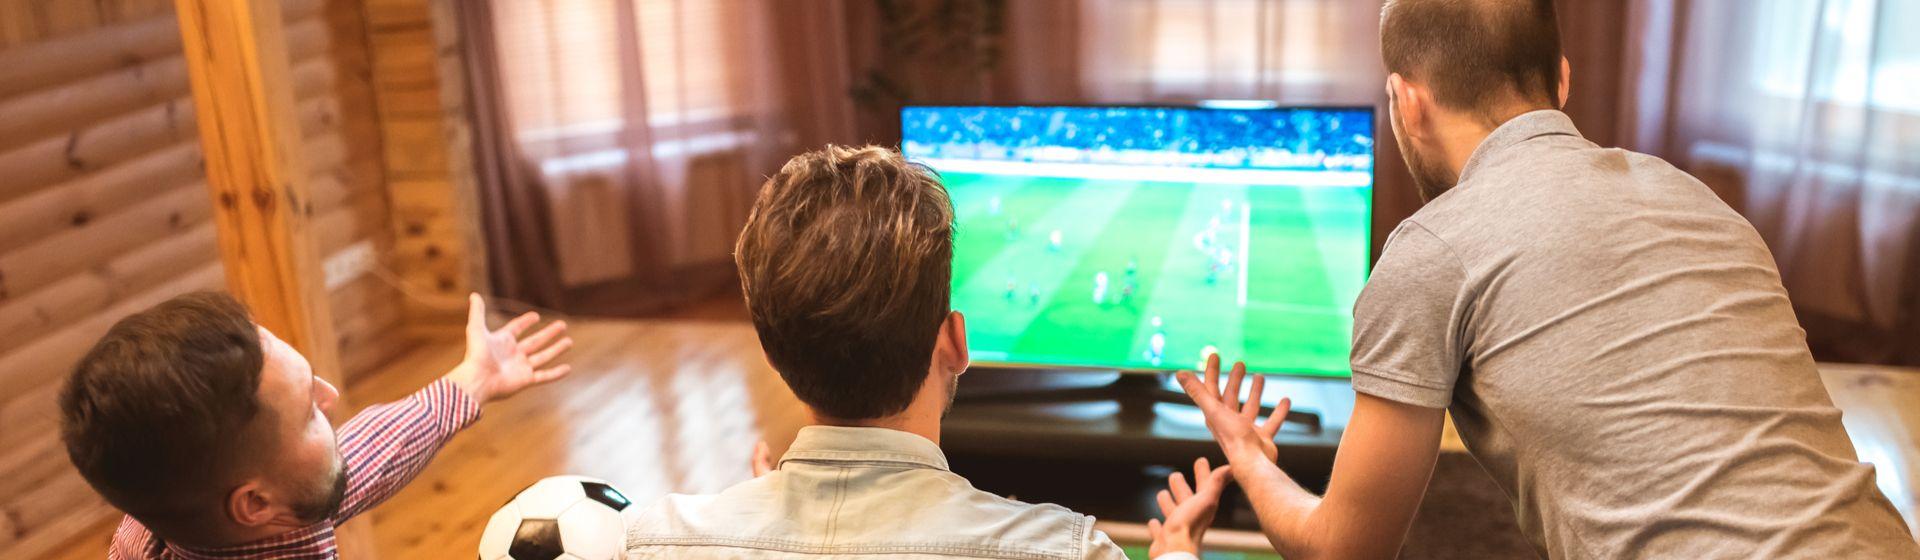 Três homens brancos em frente a uma TV assistindo a um jogo de futebol e torcendo.